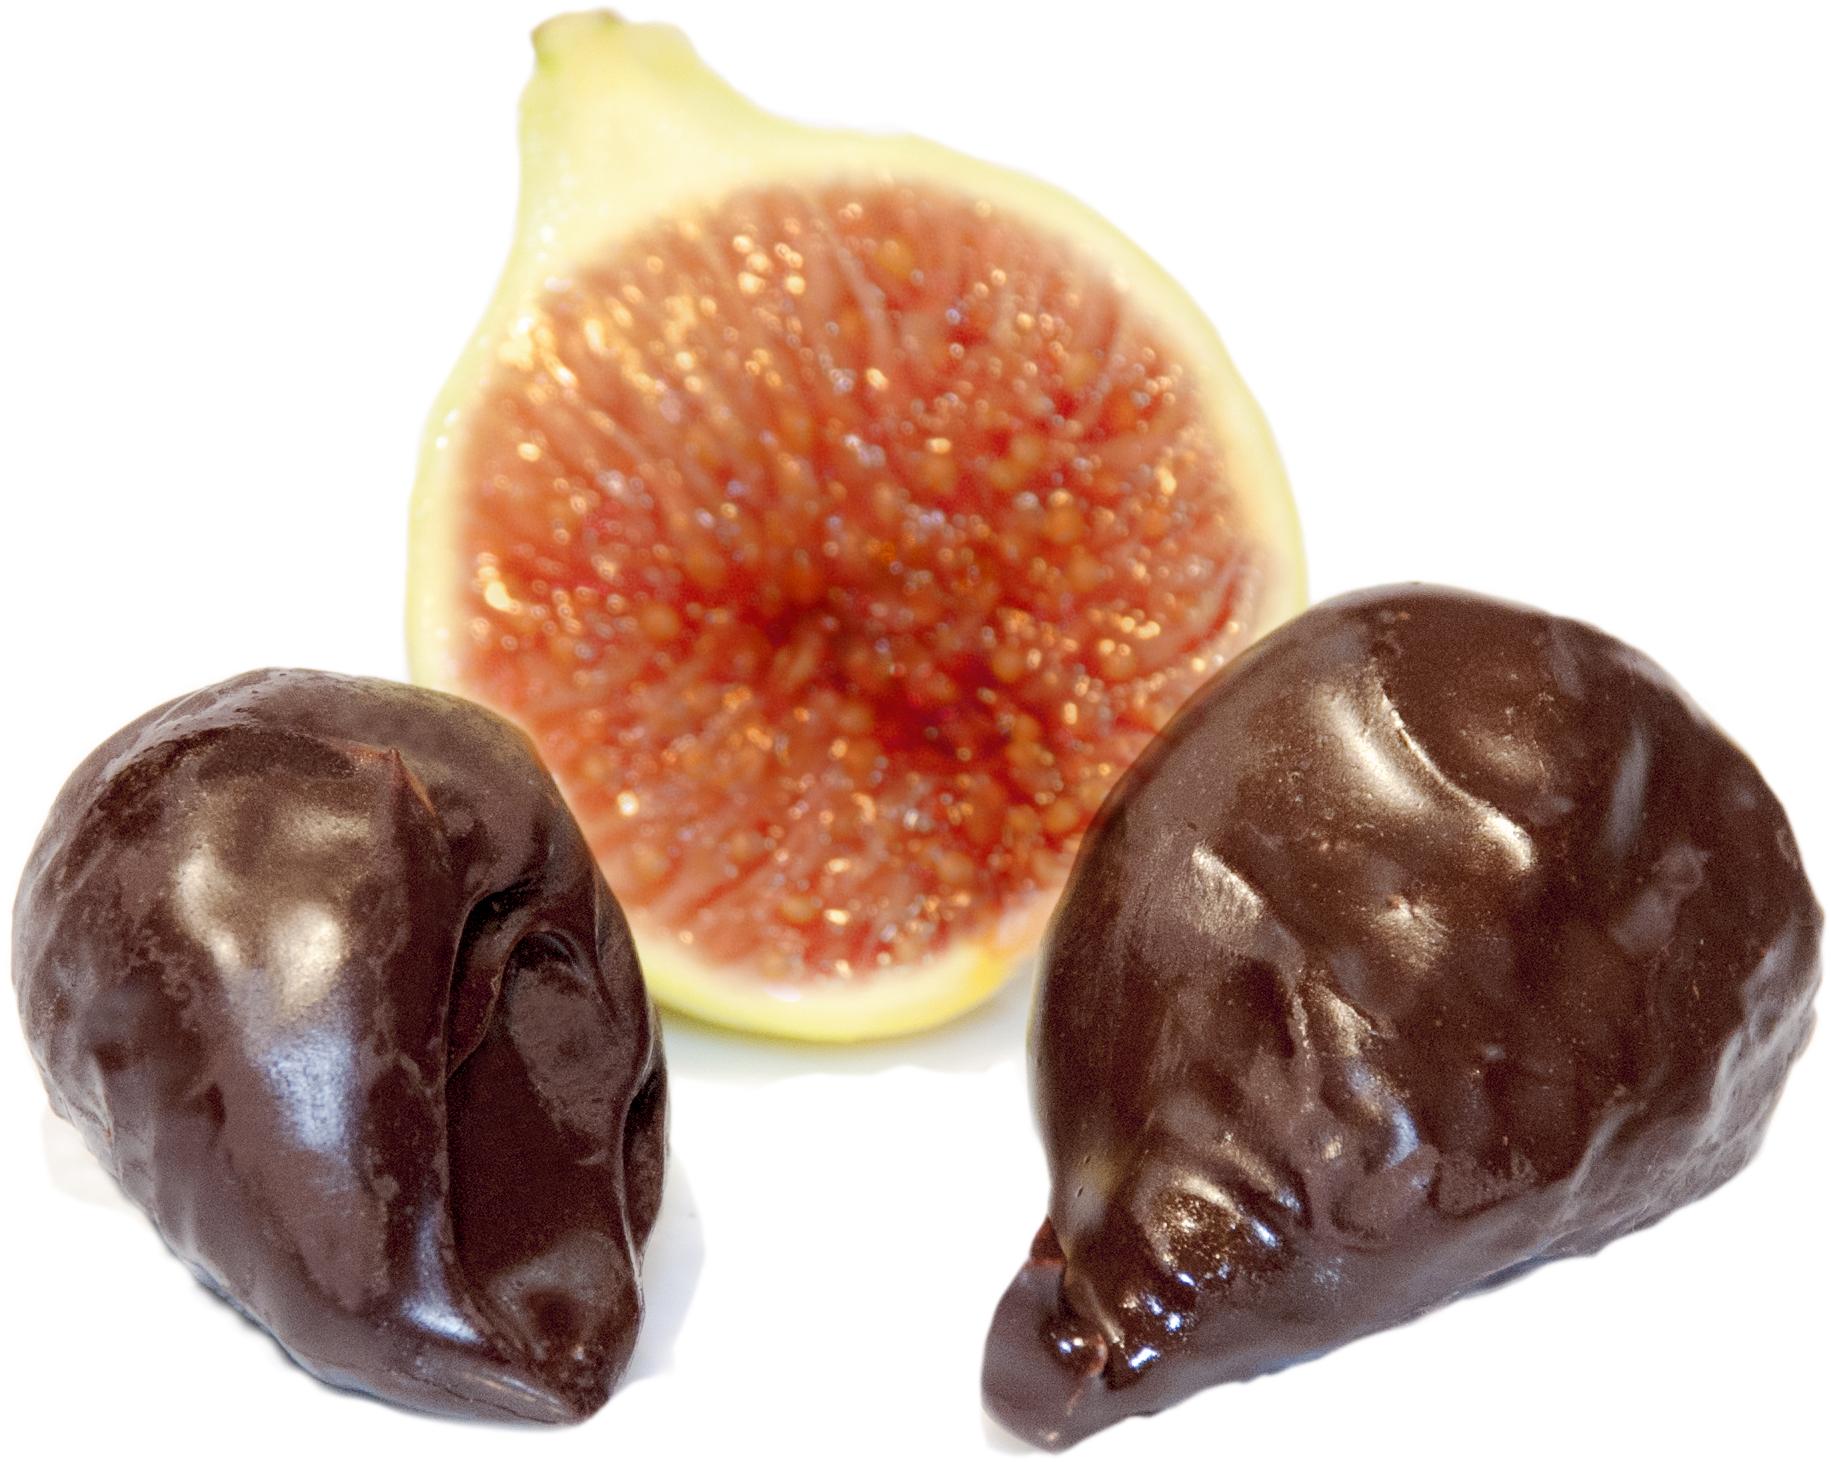 gocce-di-fichi-fico-dottato-del-cosentino-casa-bertini-prodotti-dolci-cioccolato-fondente-frutta-7